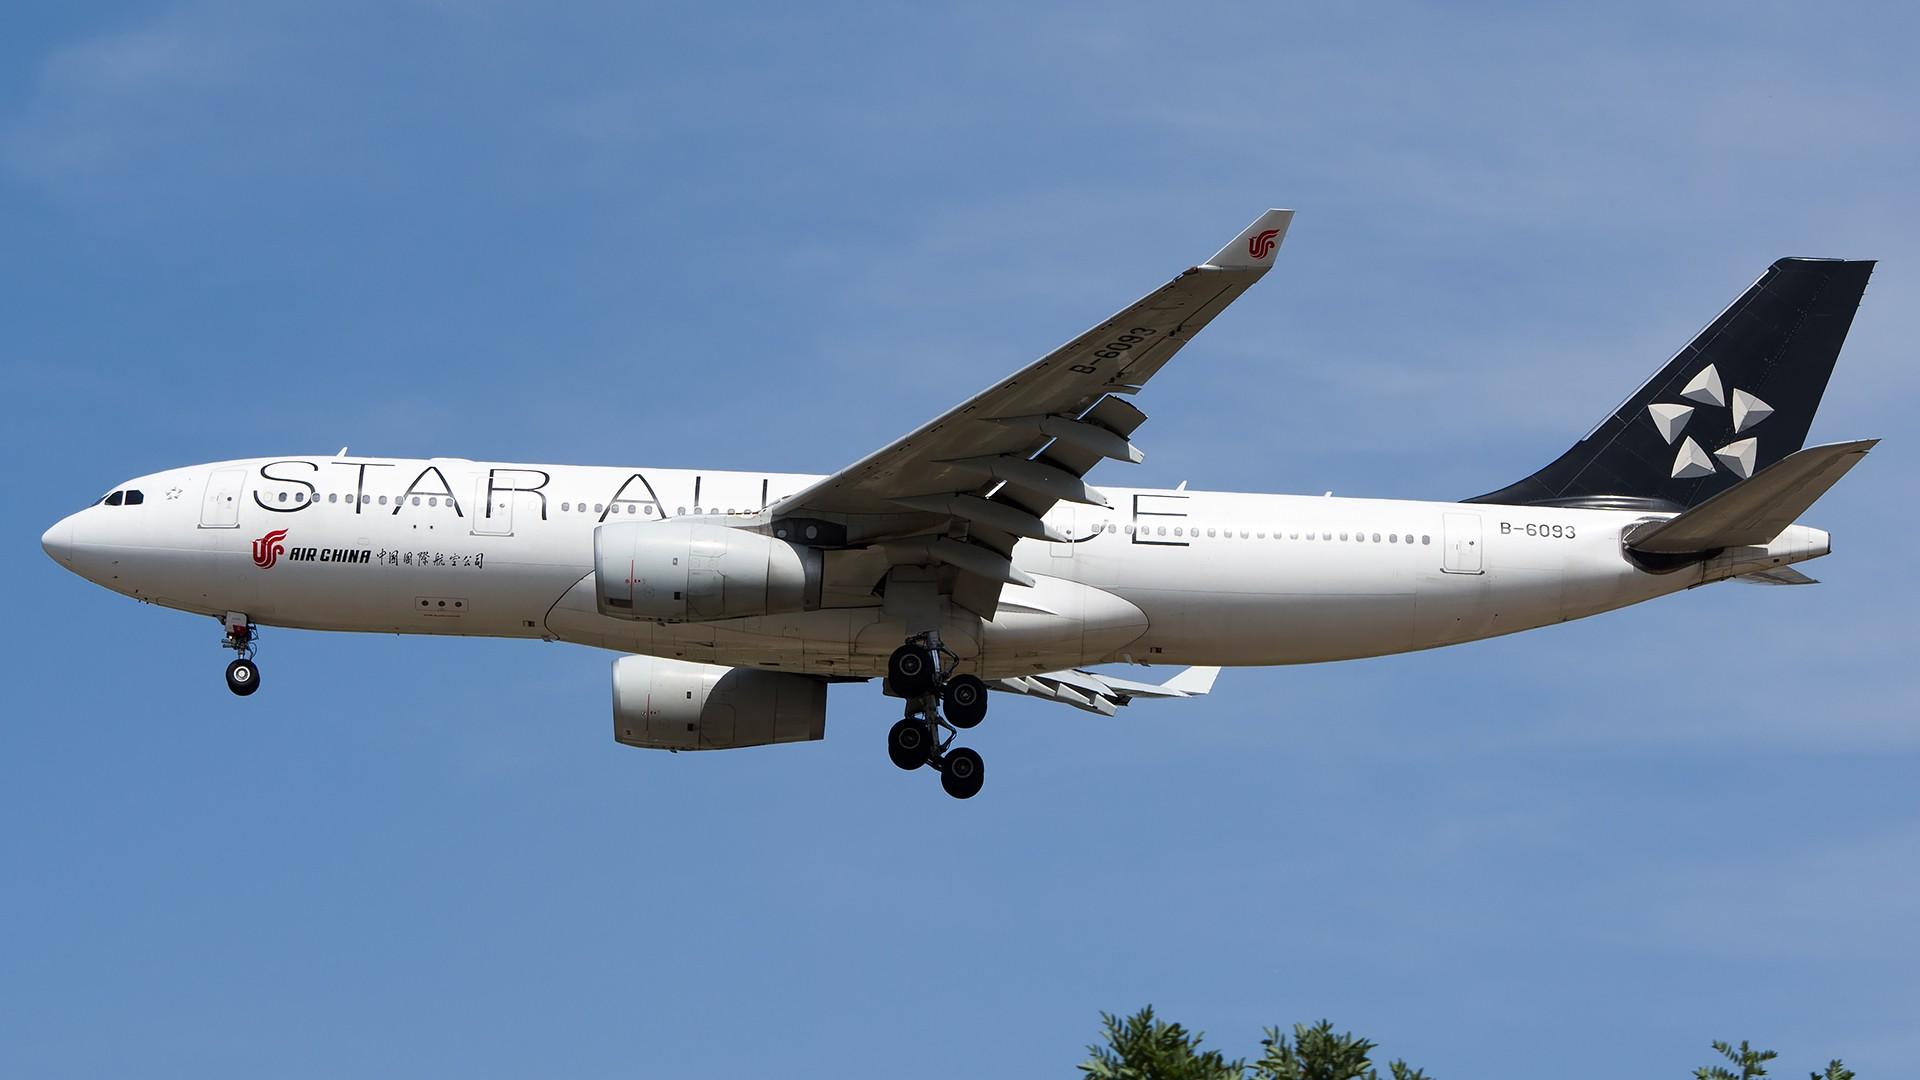 Re:[原创]PEK01午后两小时抓拍,其实是为AA的One World来的 AIRBUS A330-200 B-6093 中国北京首都国际机场